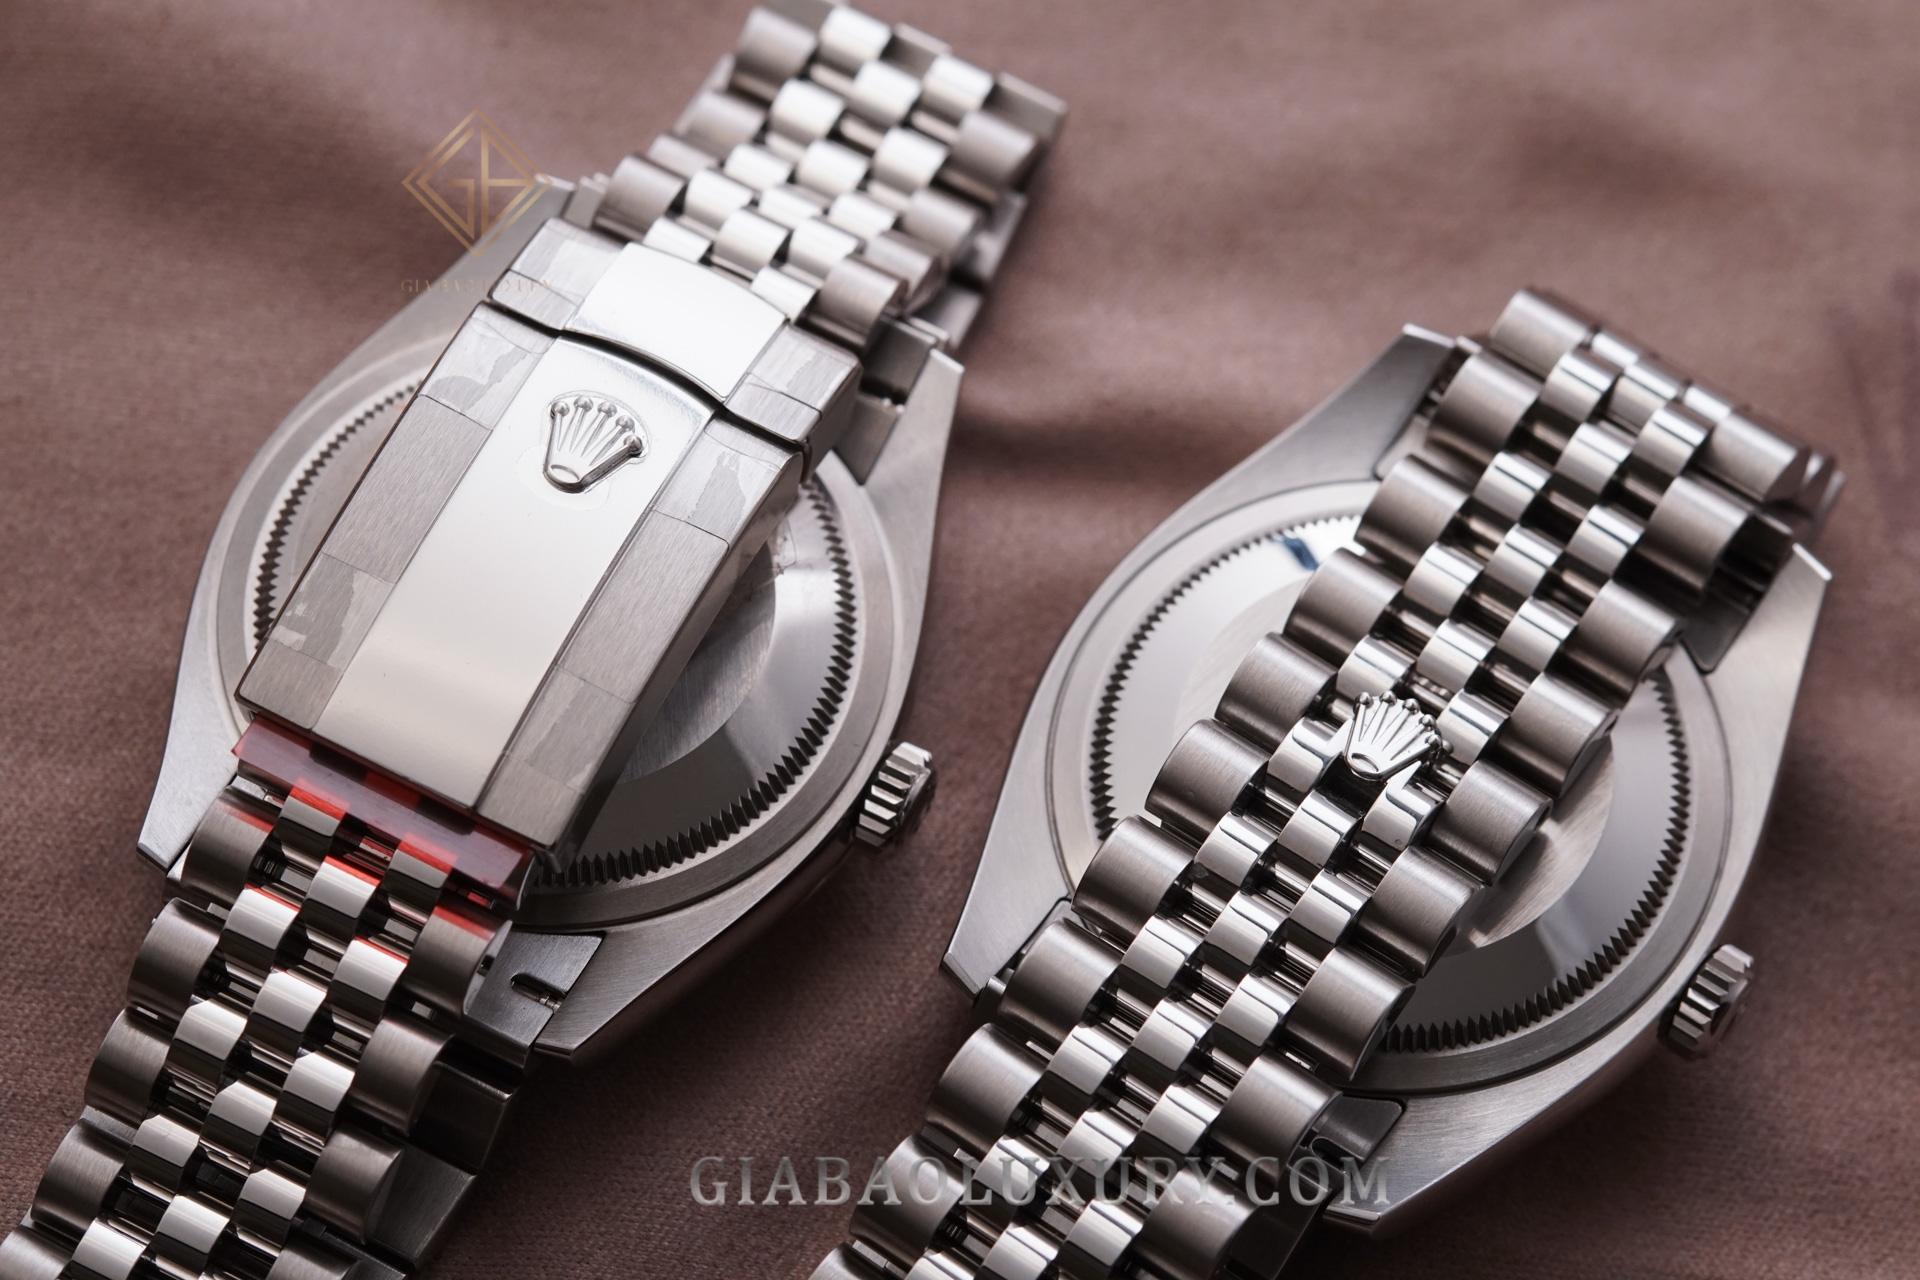 So sánh 2 mẫu đồng hồ Rolex Datejust 36 116234 và 126234